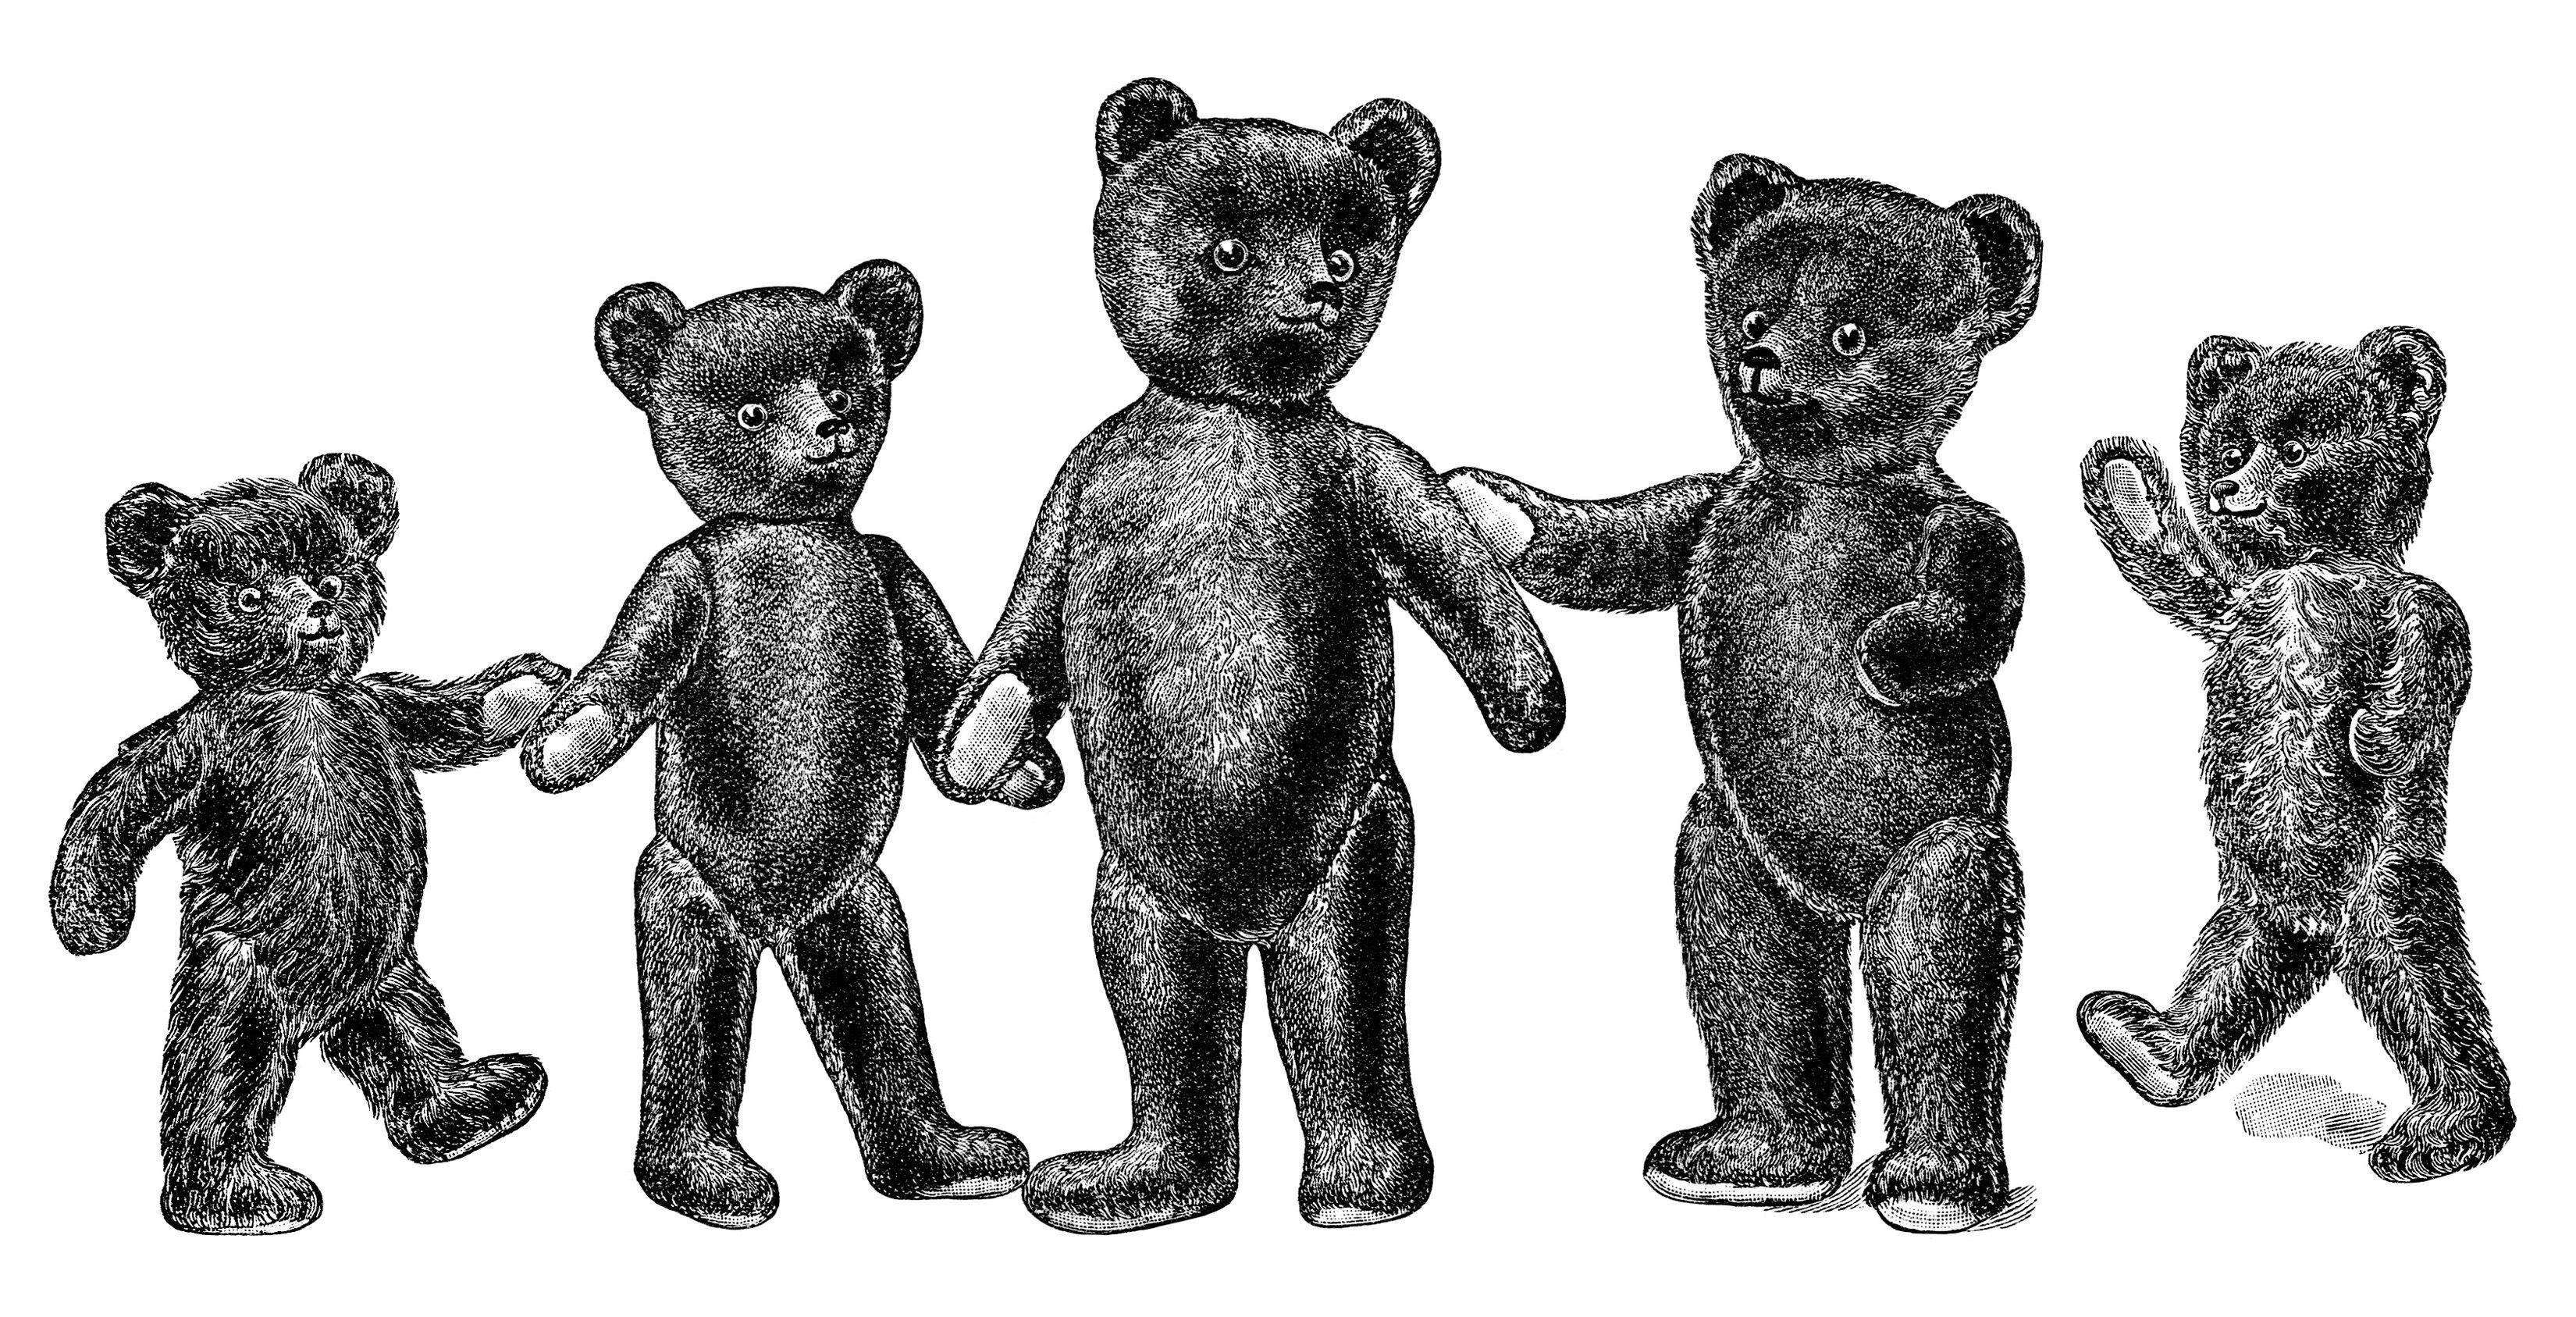 antique teddy bear, vintage teddybear clipart, black and.